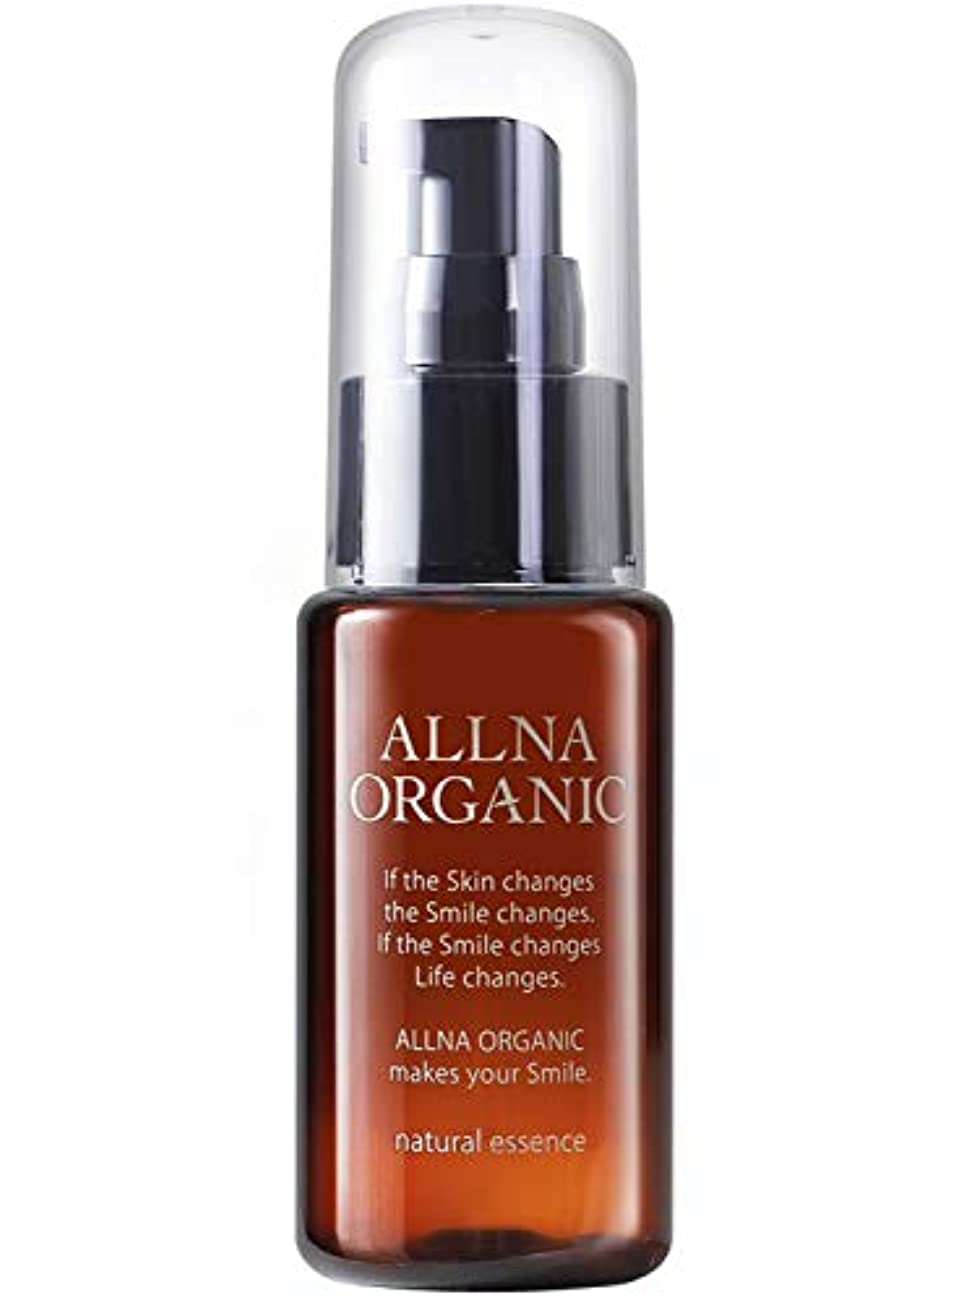 呼吸する平等ねじれオルナ オーガニック 美容液 「 くすみ 対策用 」「 コラーゲン 3種 + ヒアルロン酸 4種 + ビタミンC 4種 + セラミド 配合」47ml